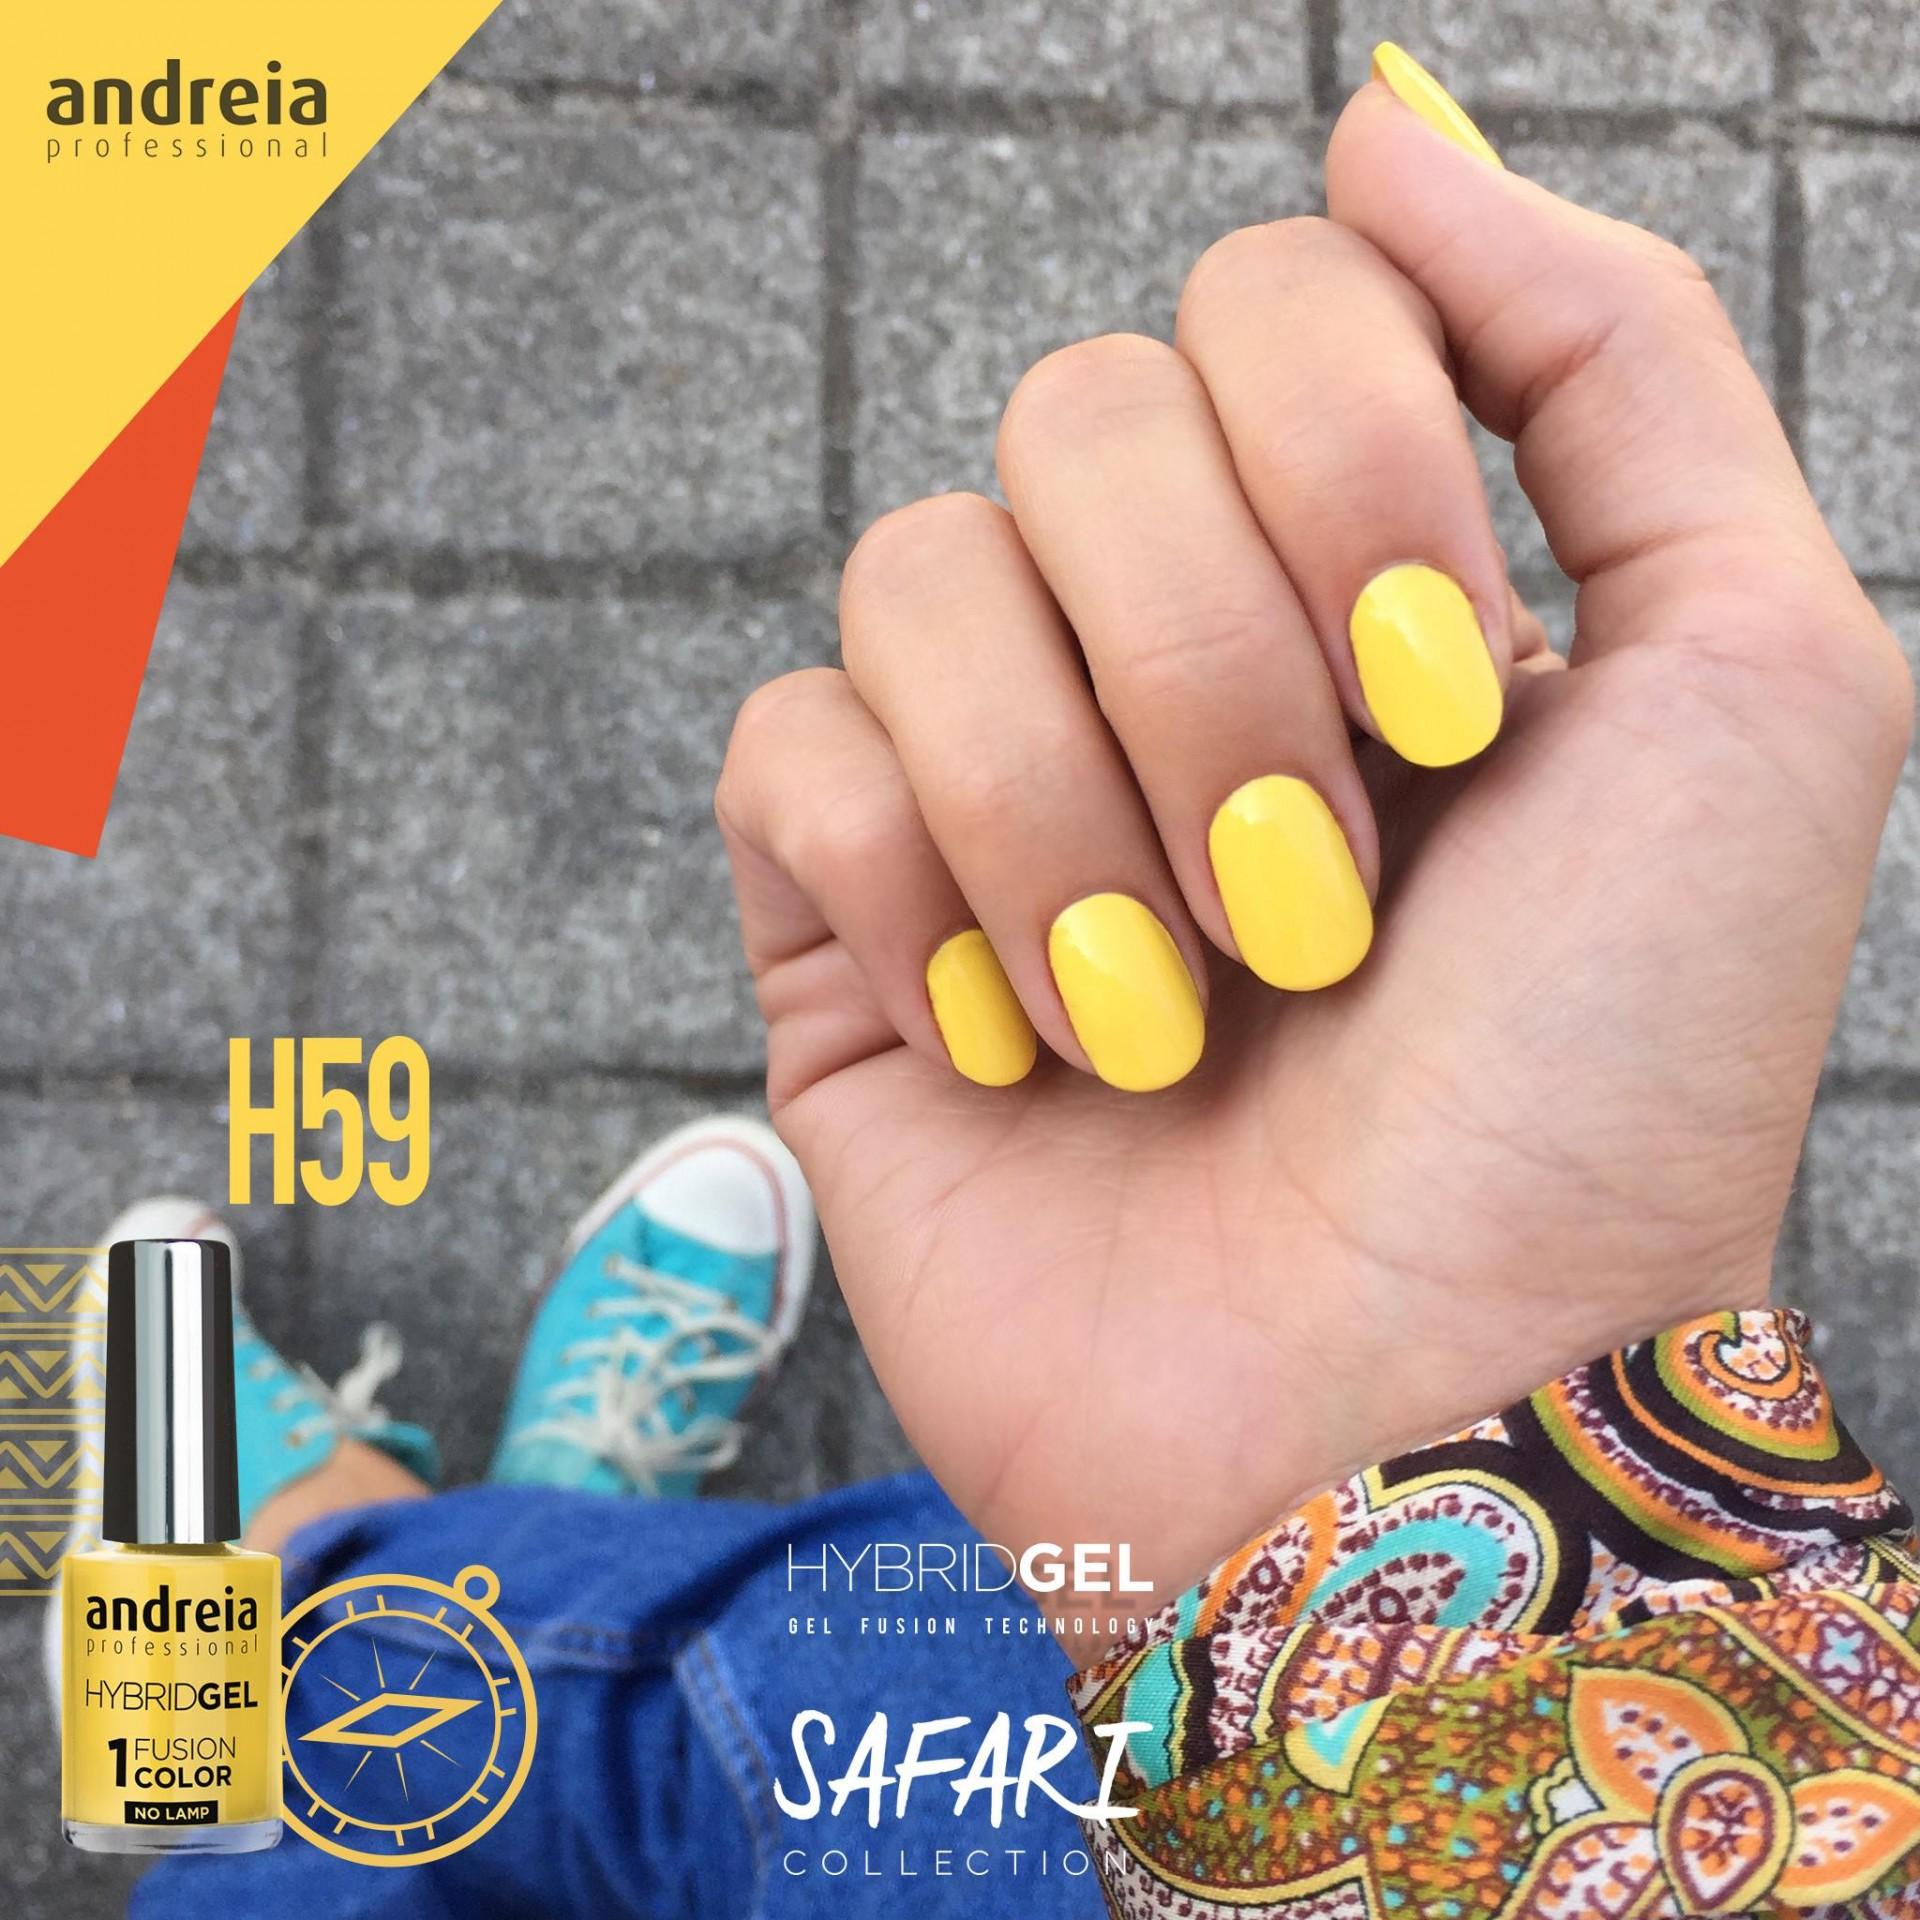 Hybrid Gel Andreia – Fusion Color H59 (Amarelo)